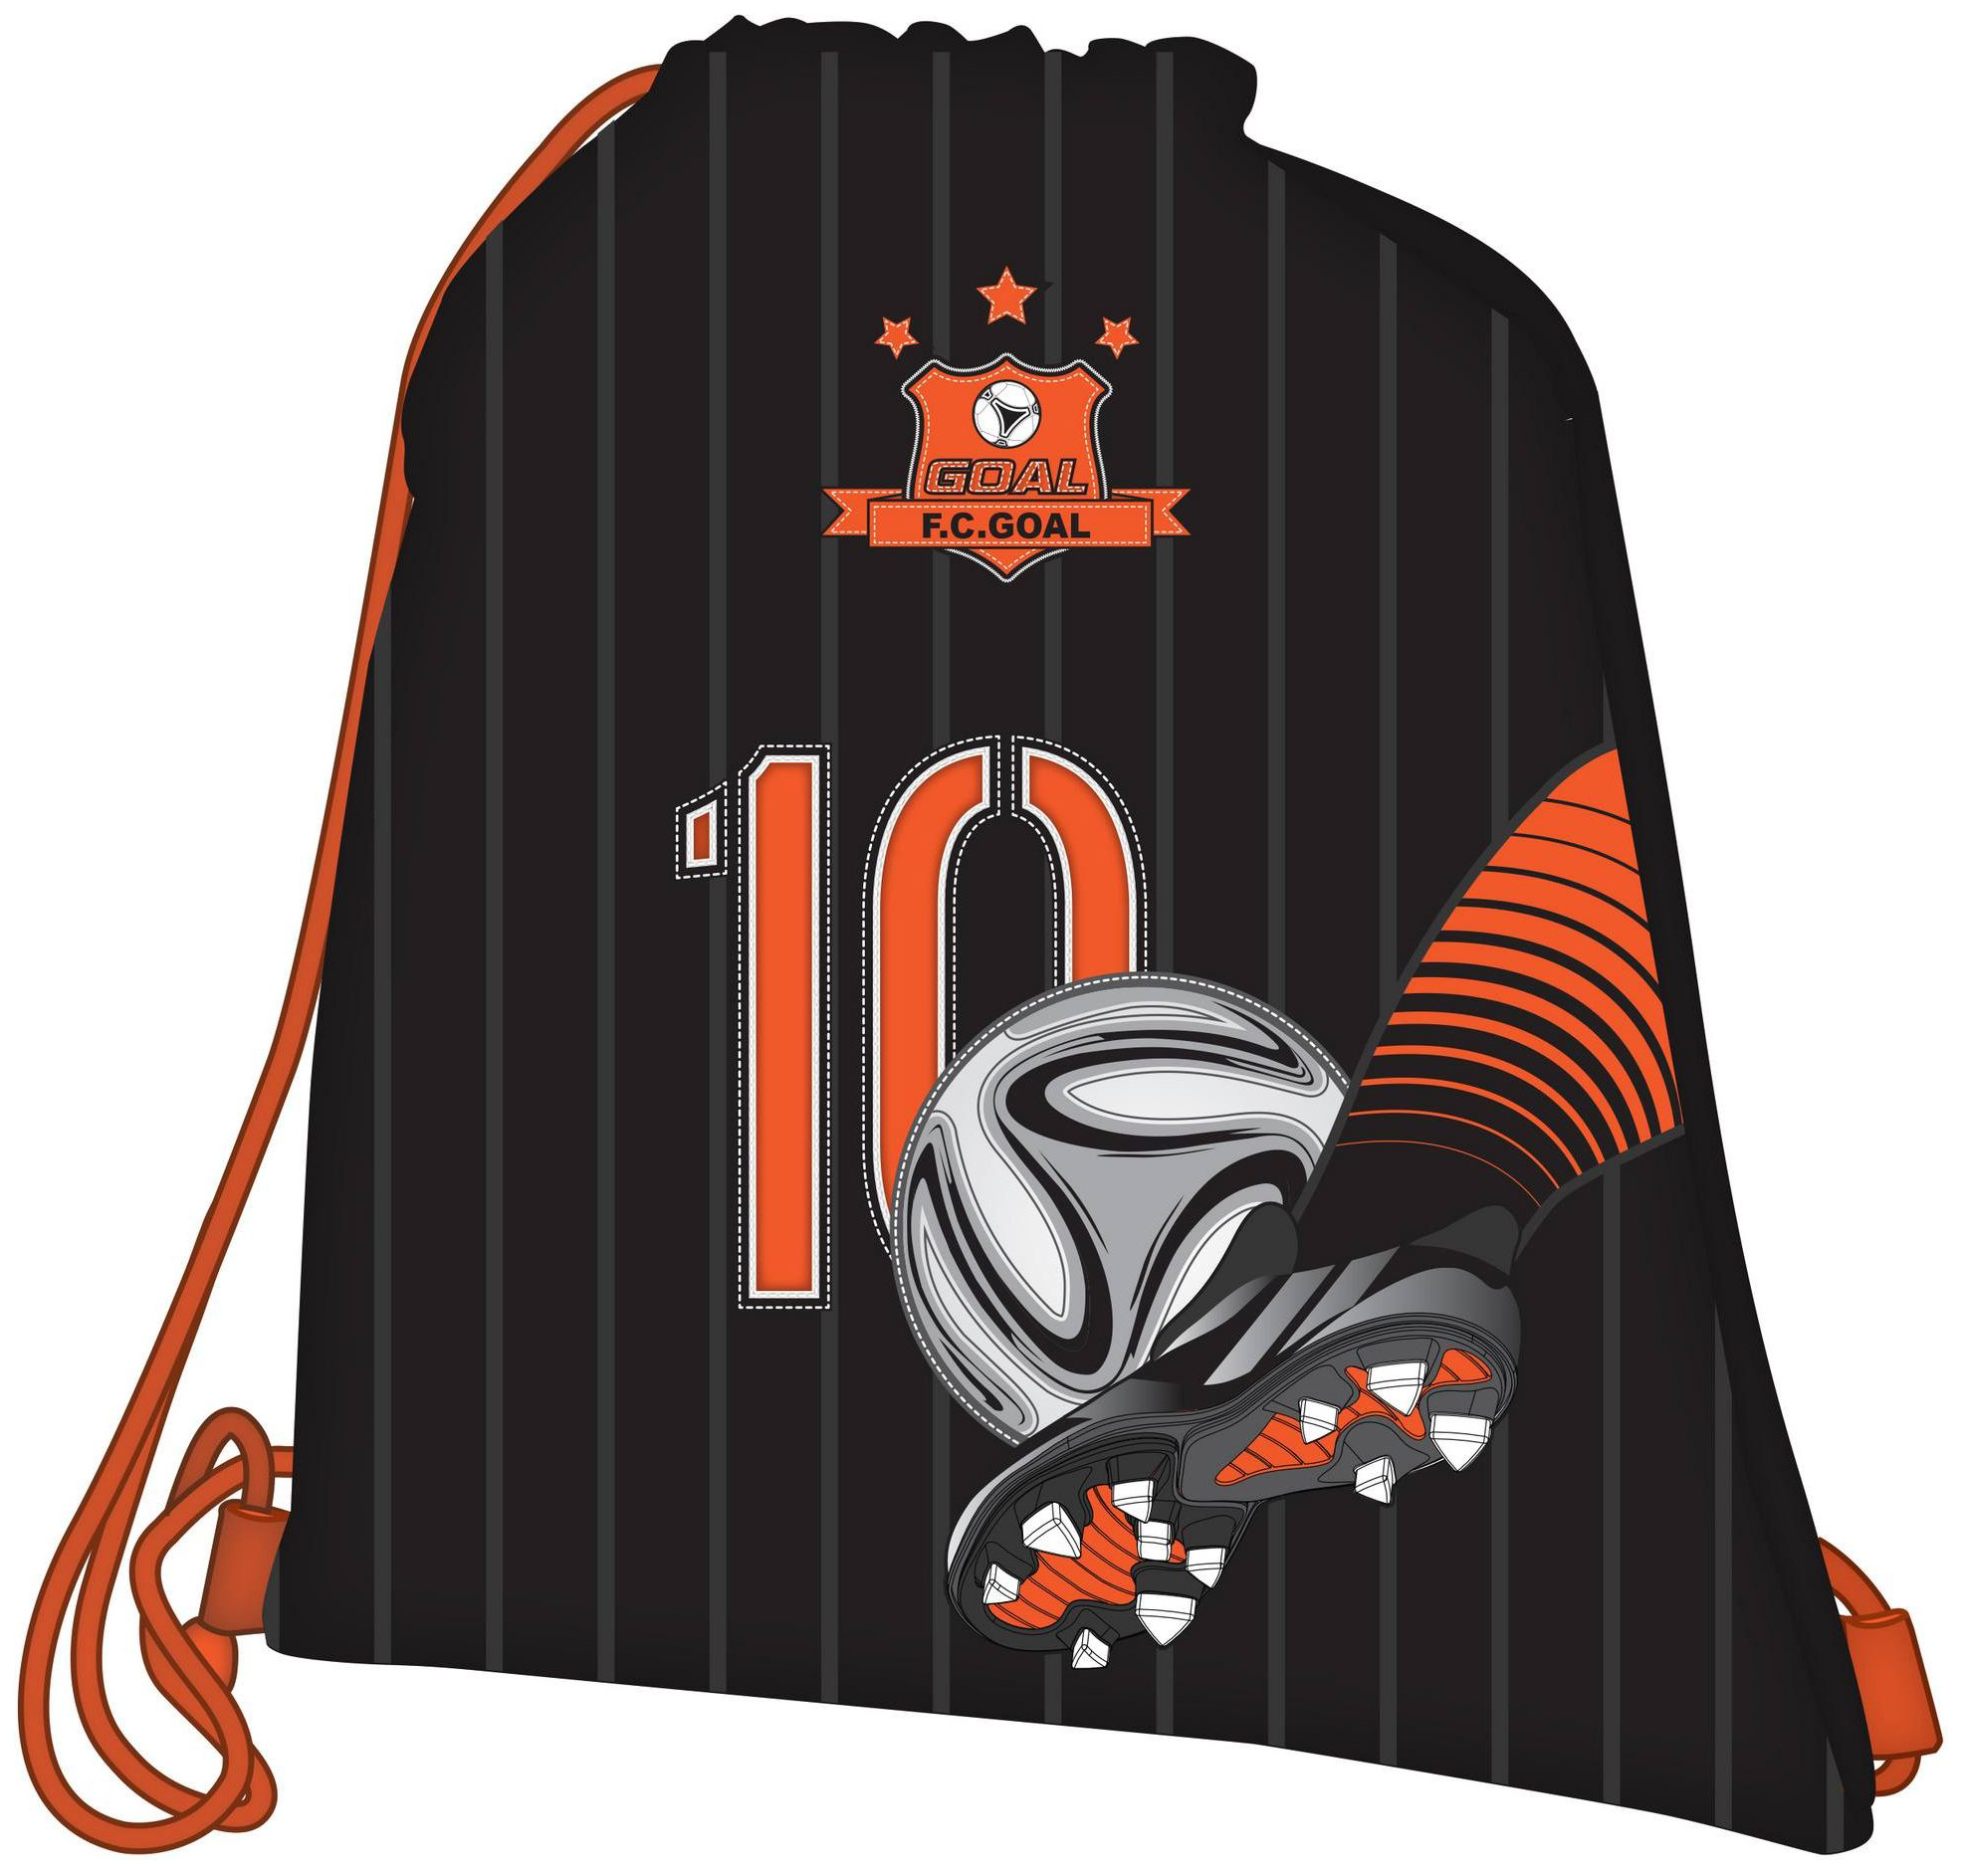 Ранец Target цвета FC Holland (Голландия, черно-оранжевый)